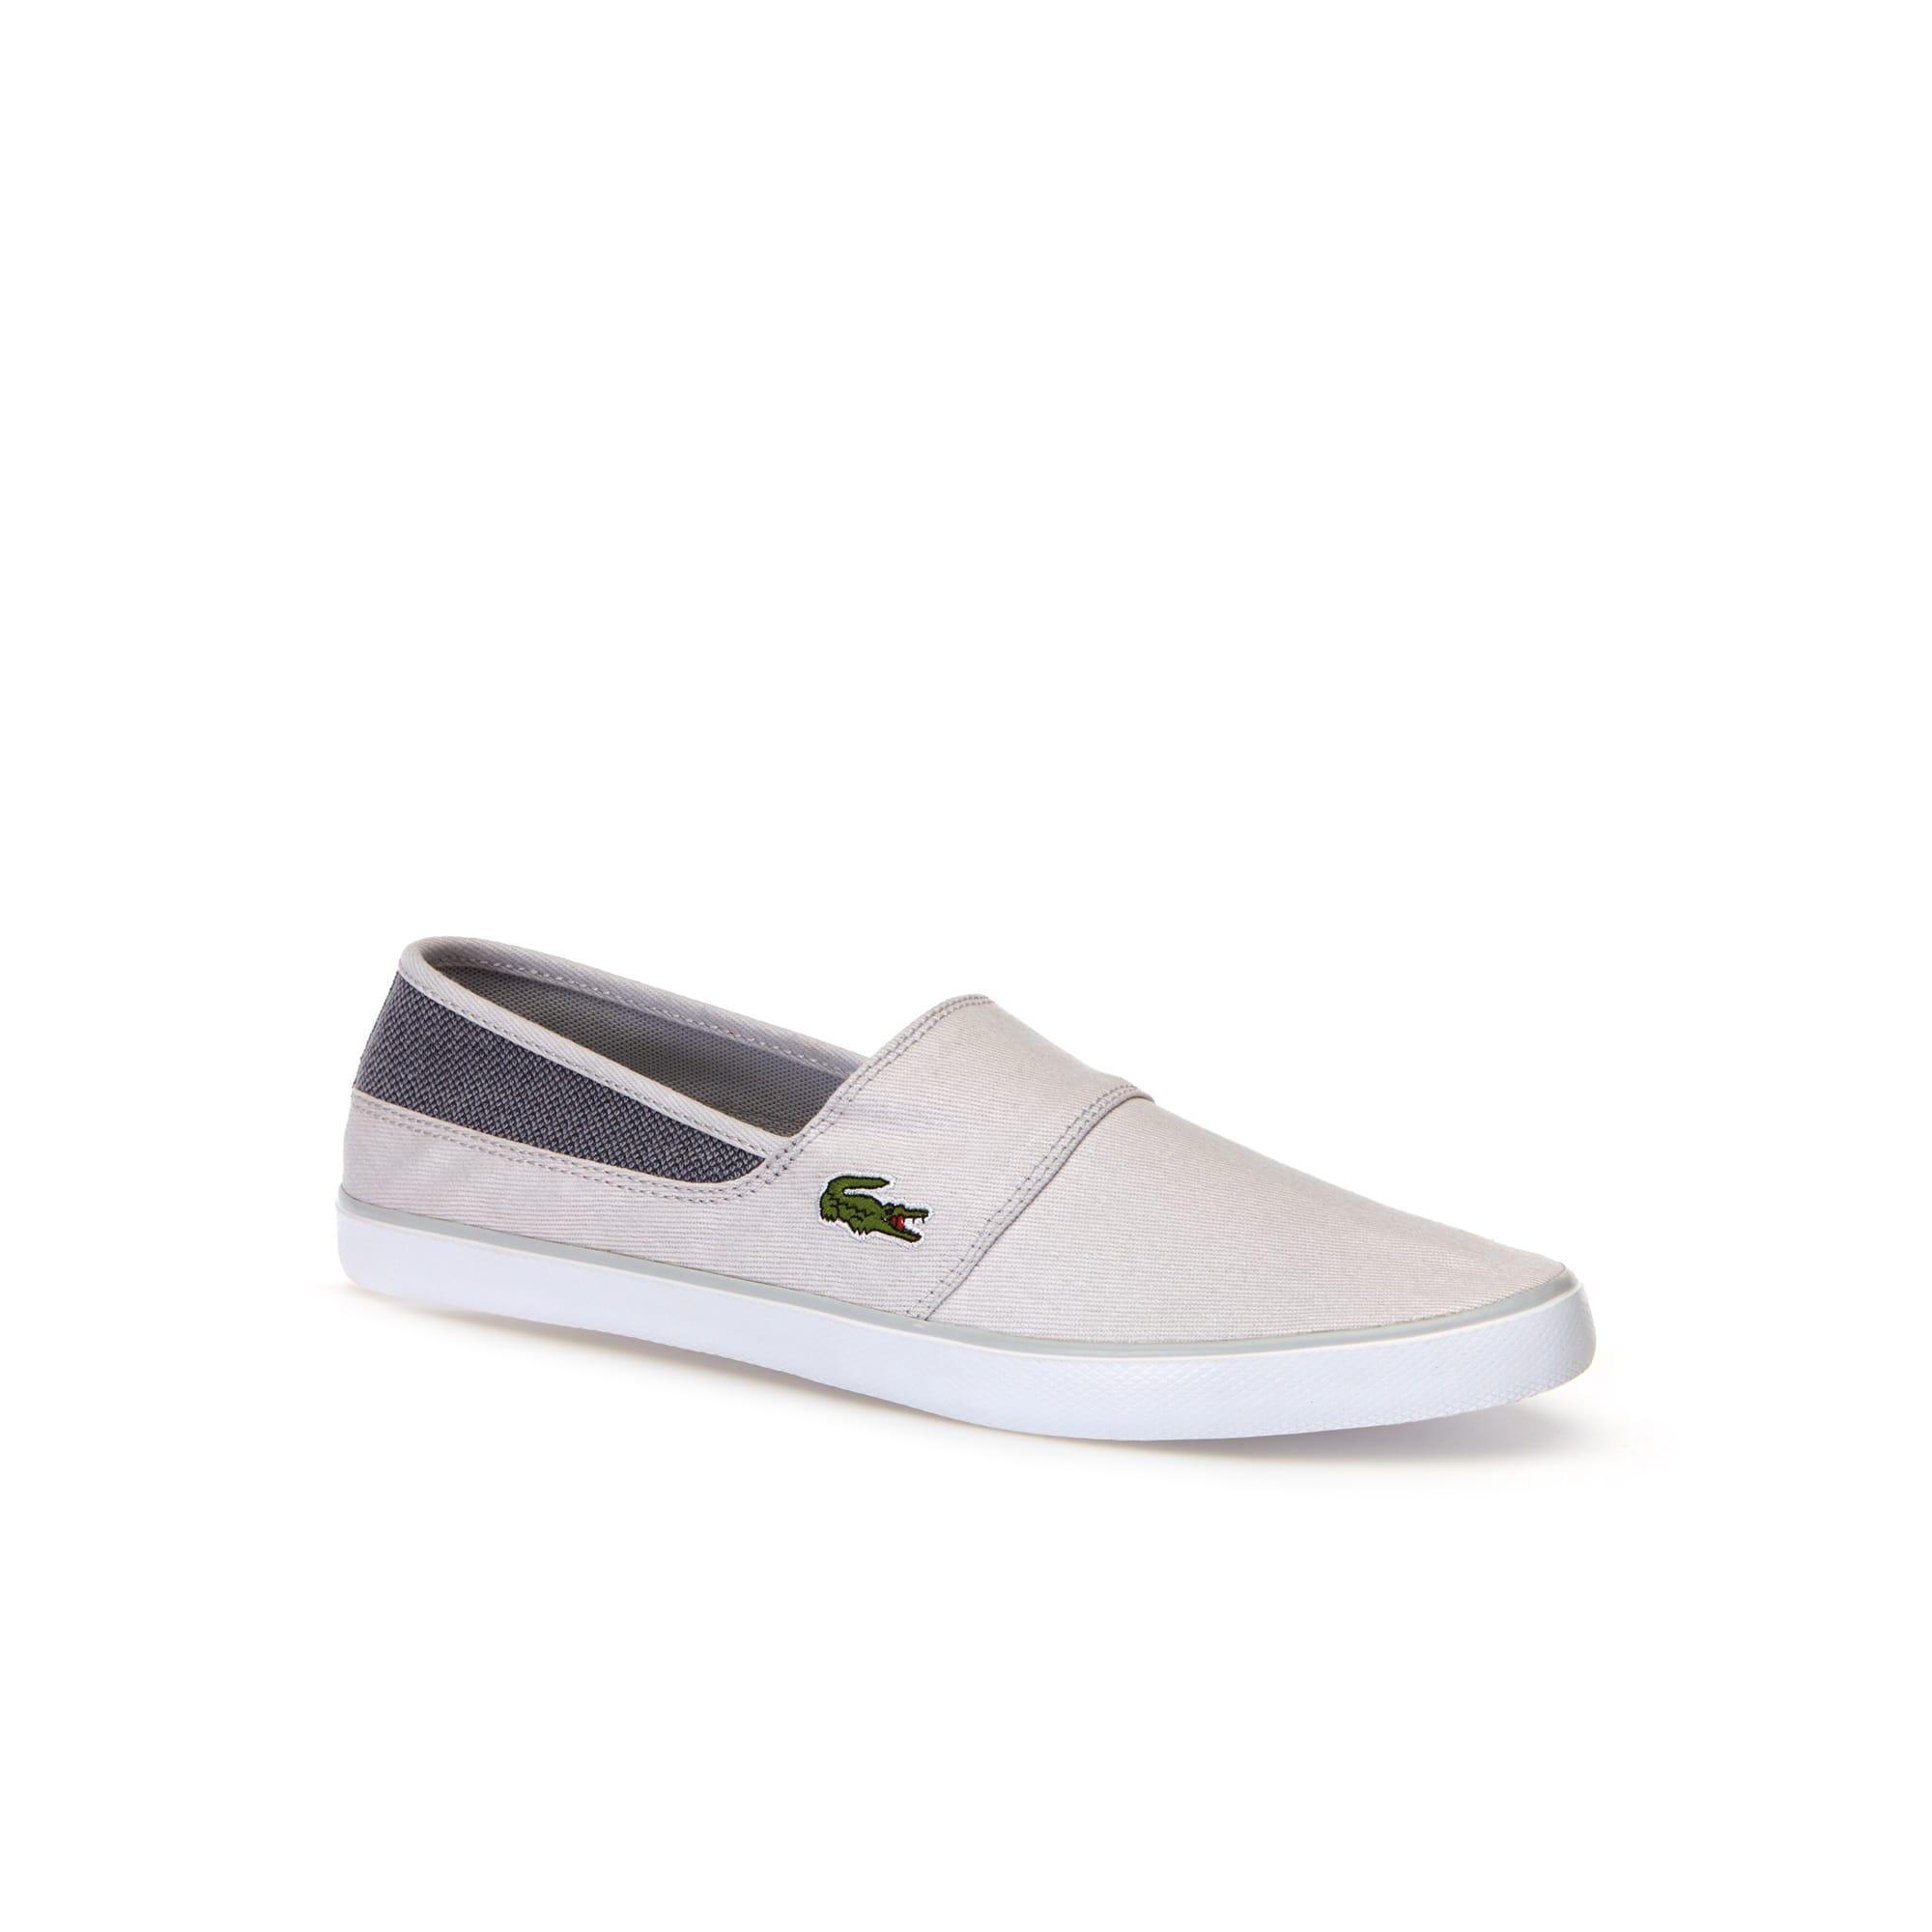 Colección de zapatillas de tela y lona   Calzado para hombre   LACOSTE e9eb4f871a